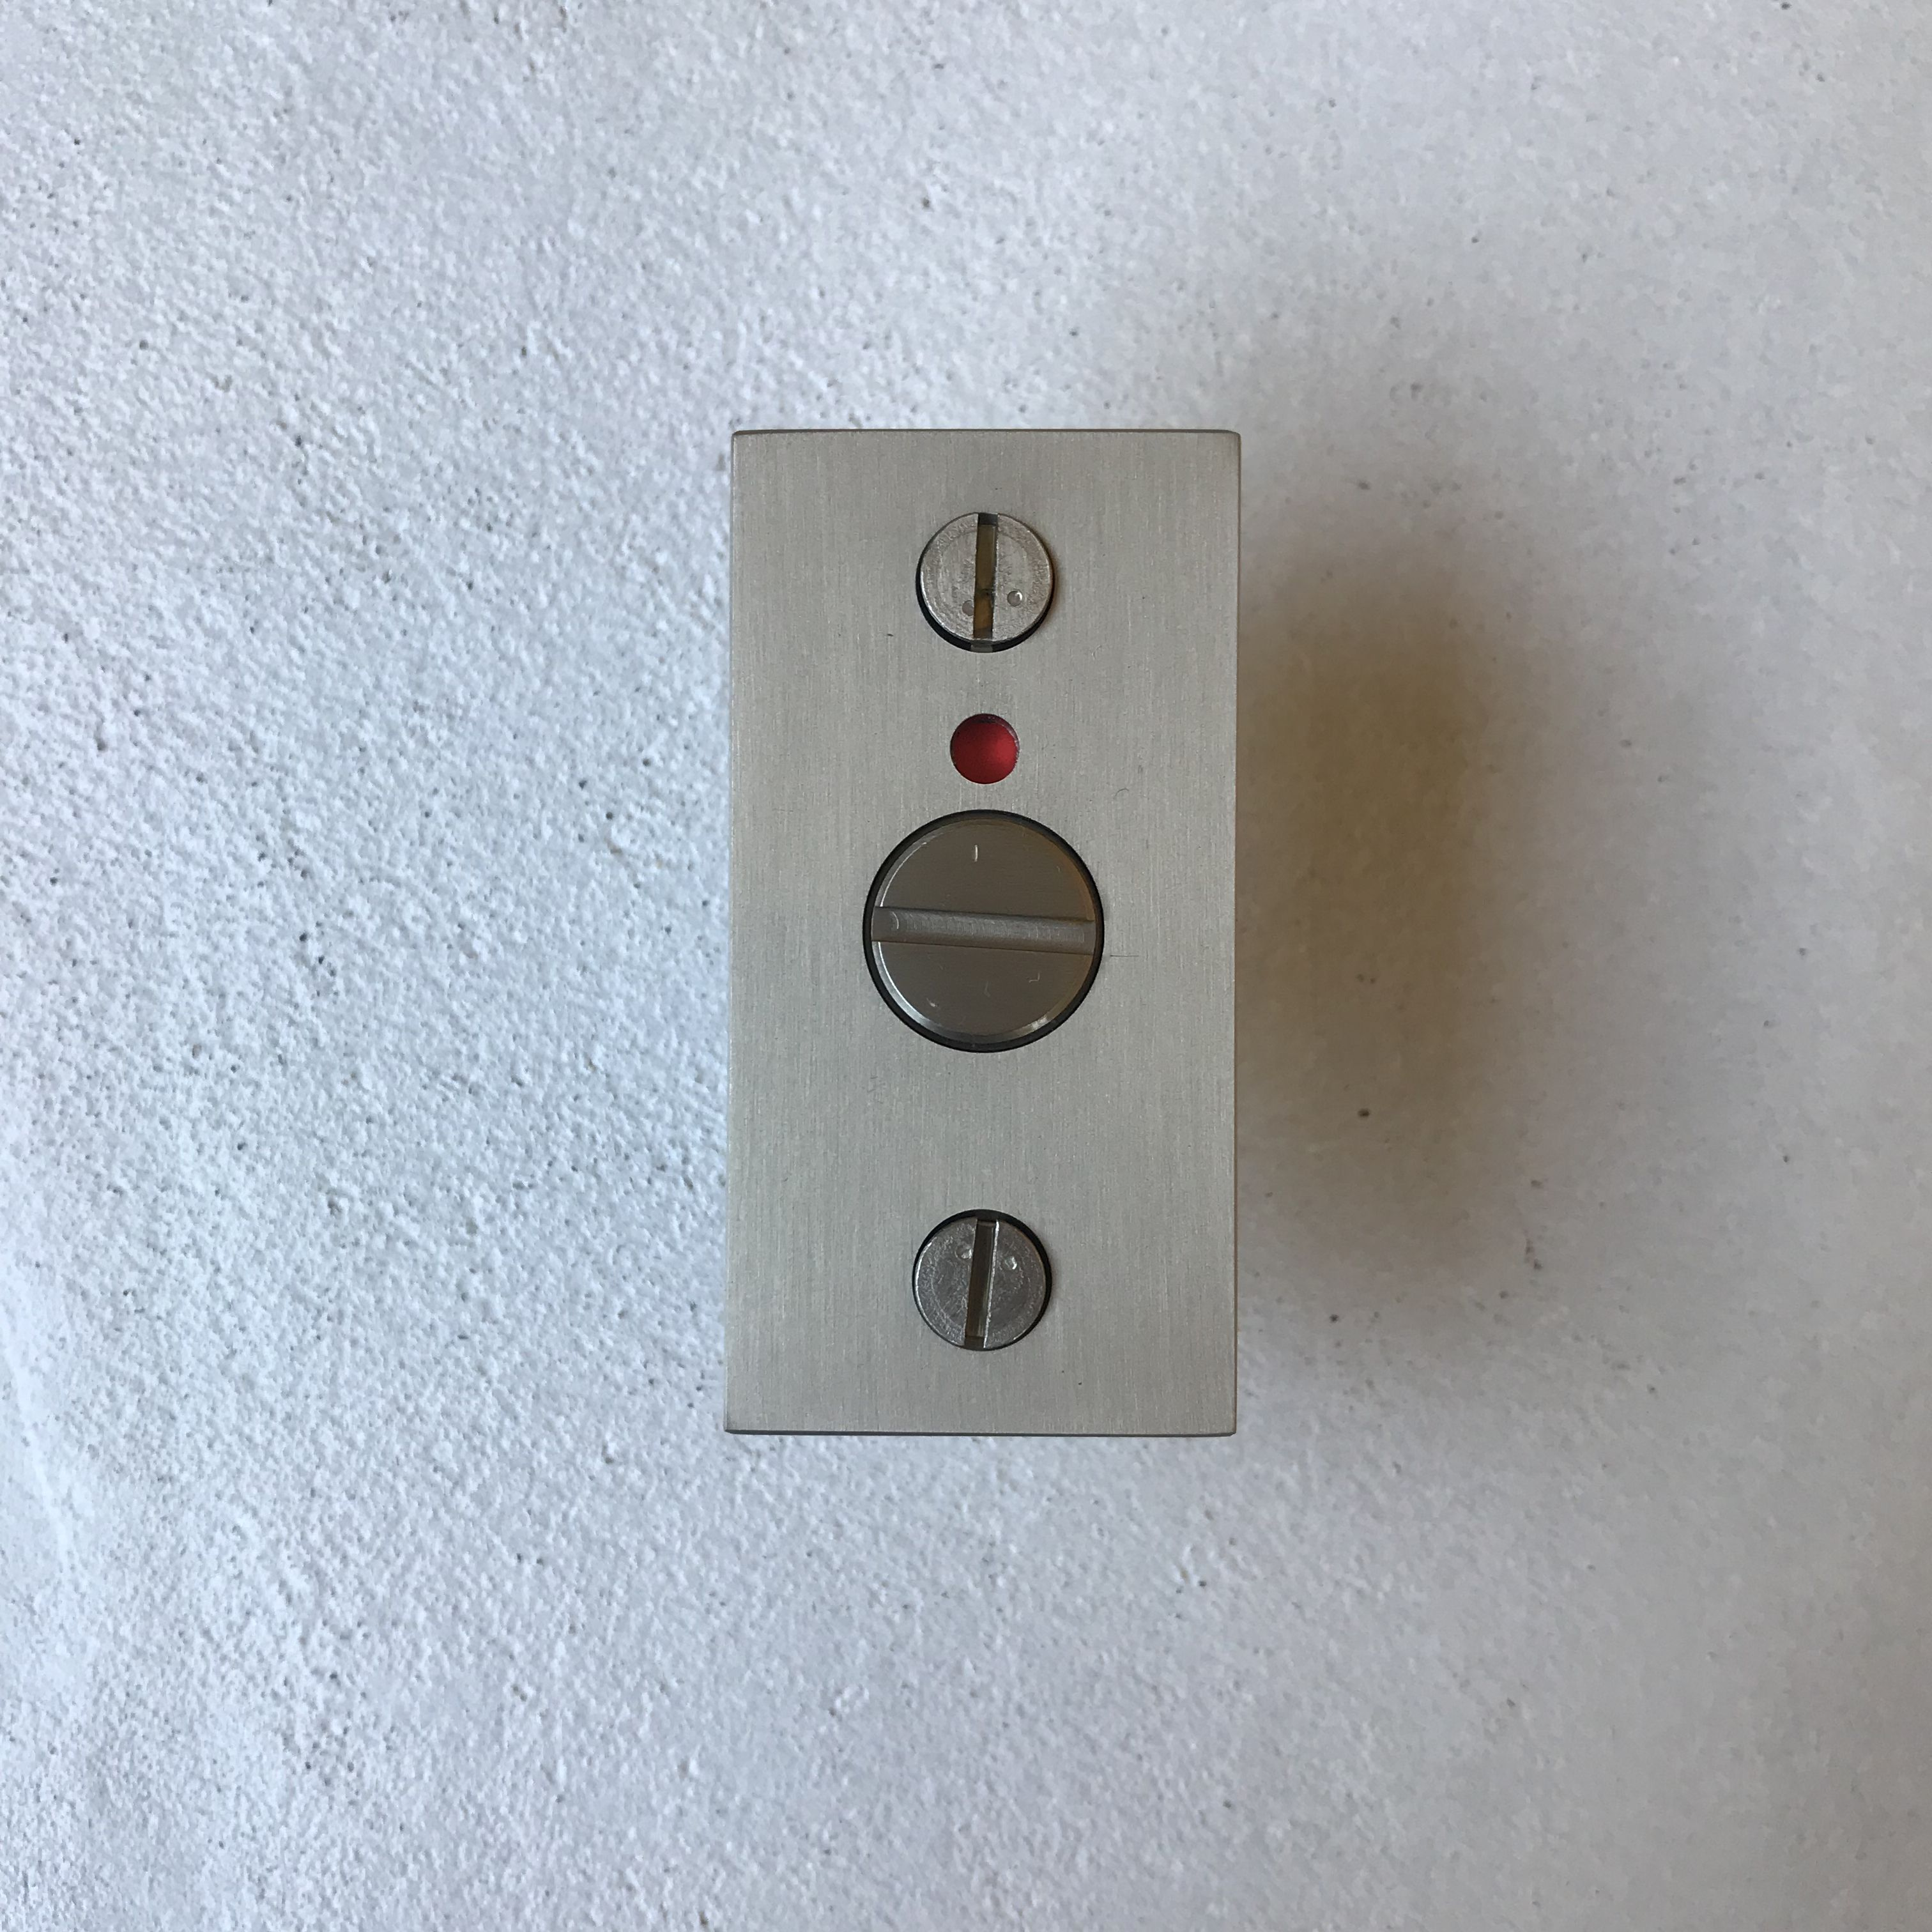 ありそうでなかった真鍮製の表示付き引戸鎌錠 従来の表示錠にはない